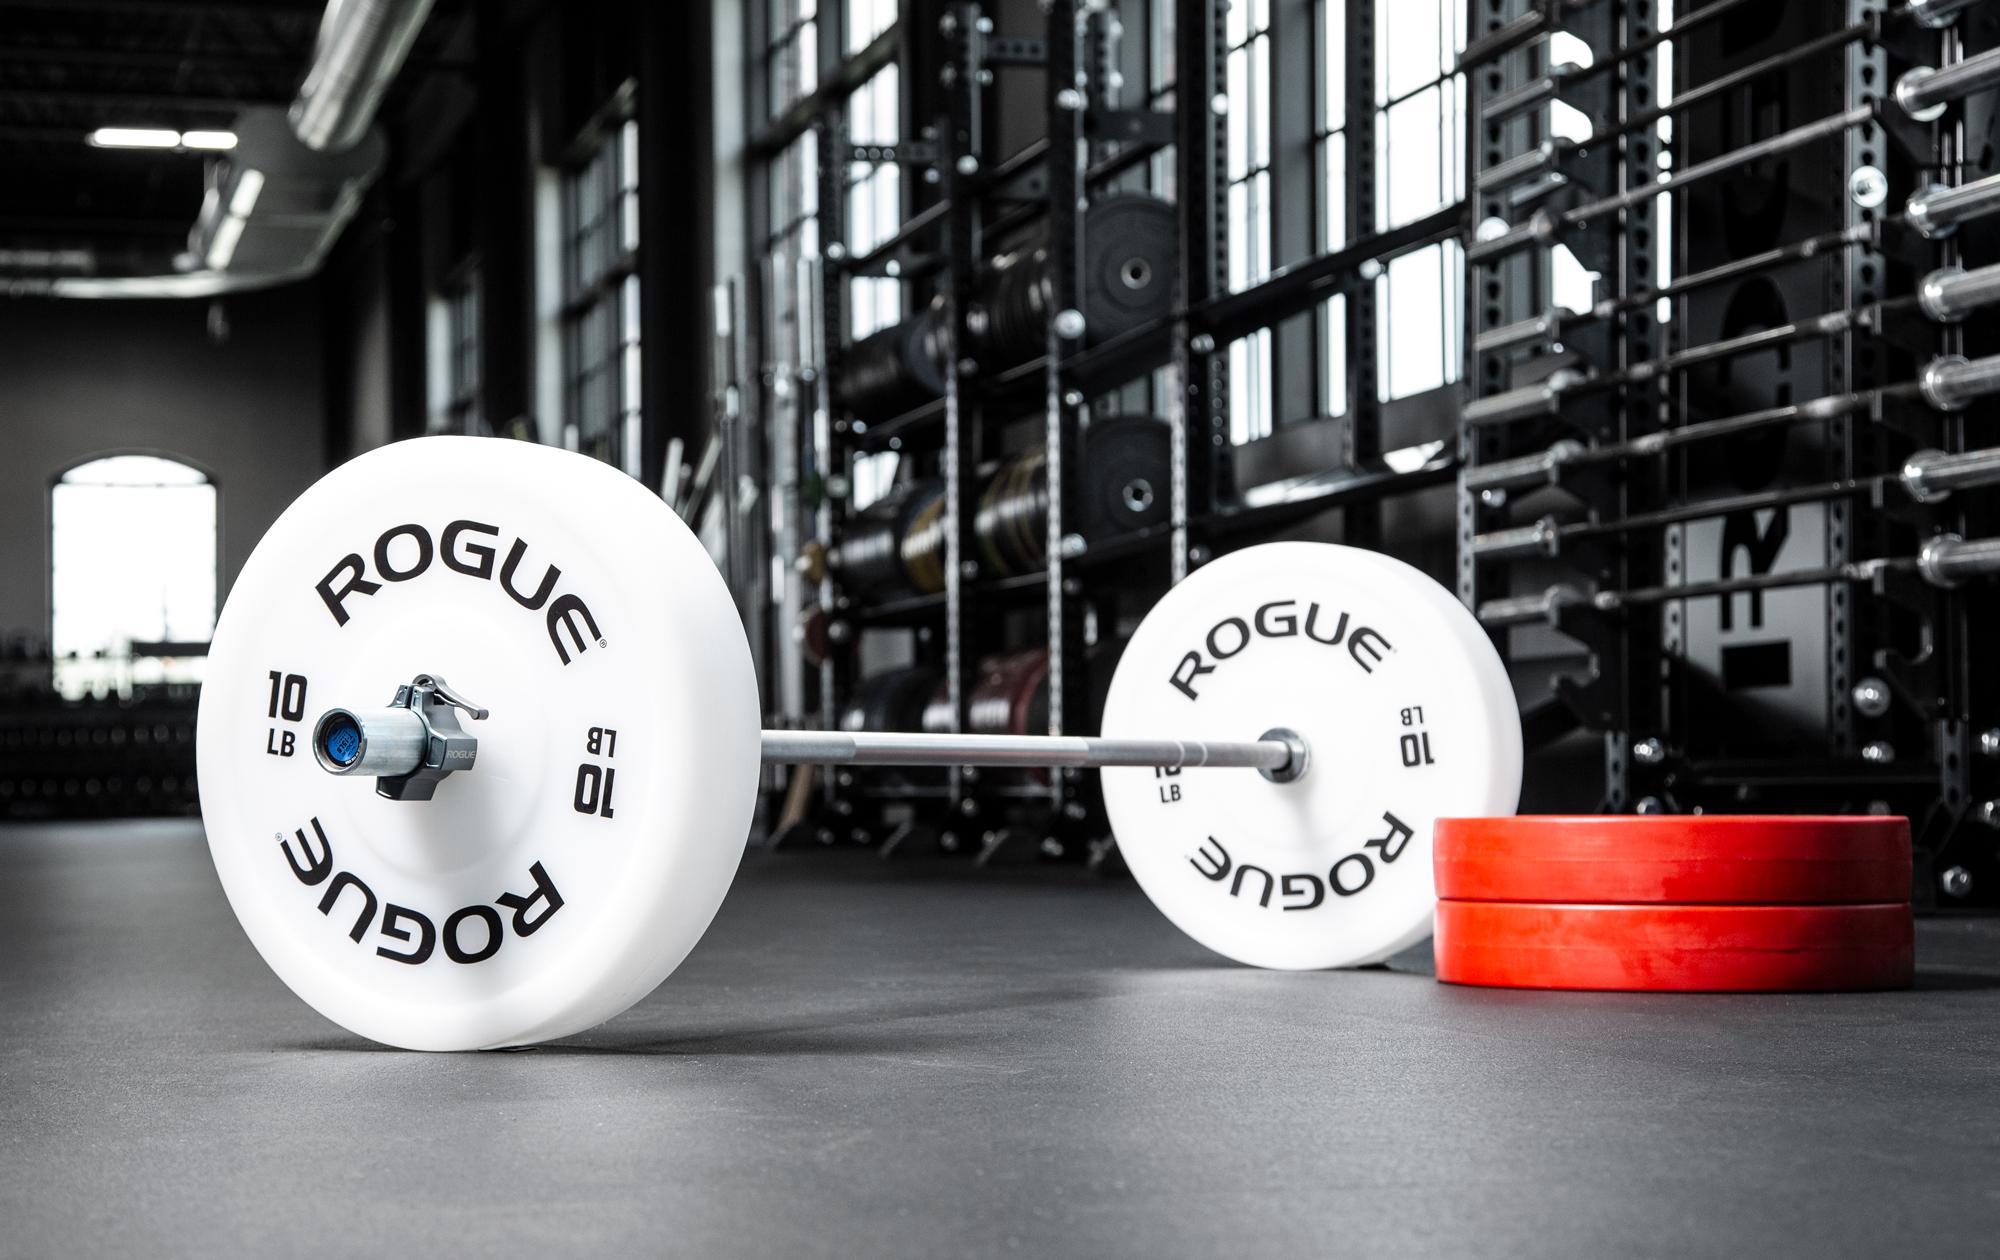 Rogue technique plates